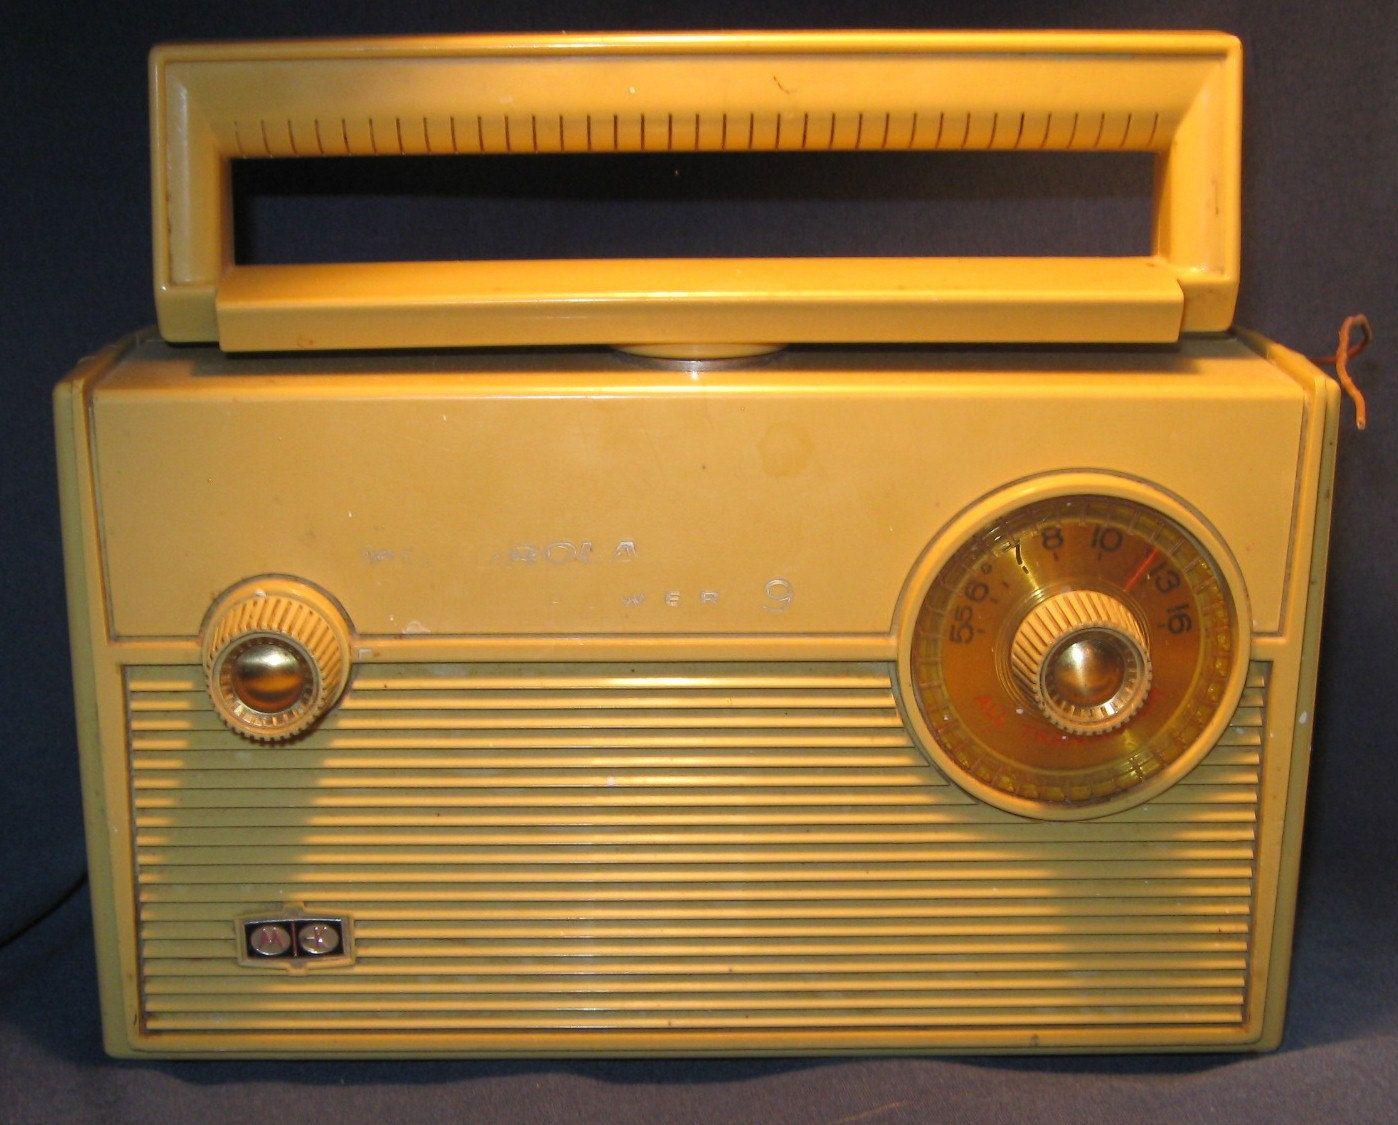 Motorola Power 9 Vintage Radio Door Vintagejewelsandmore Op Etsy Https Www Etsy Com Nl Listing 207989611 Motorola Power 9 Vintage Radio Radio S